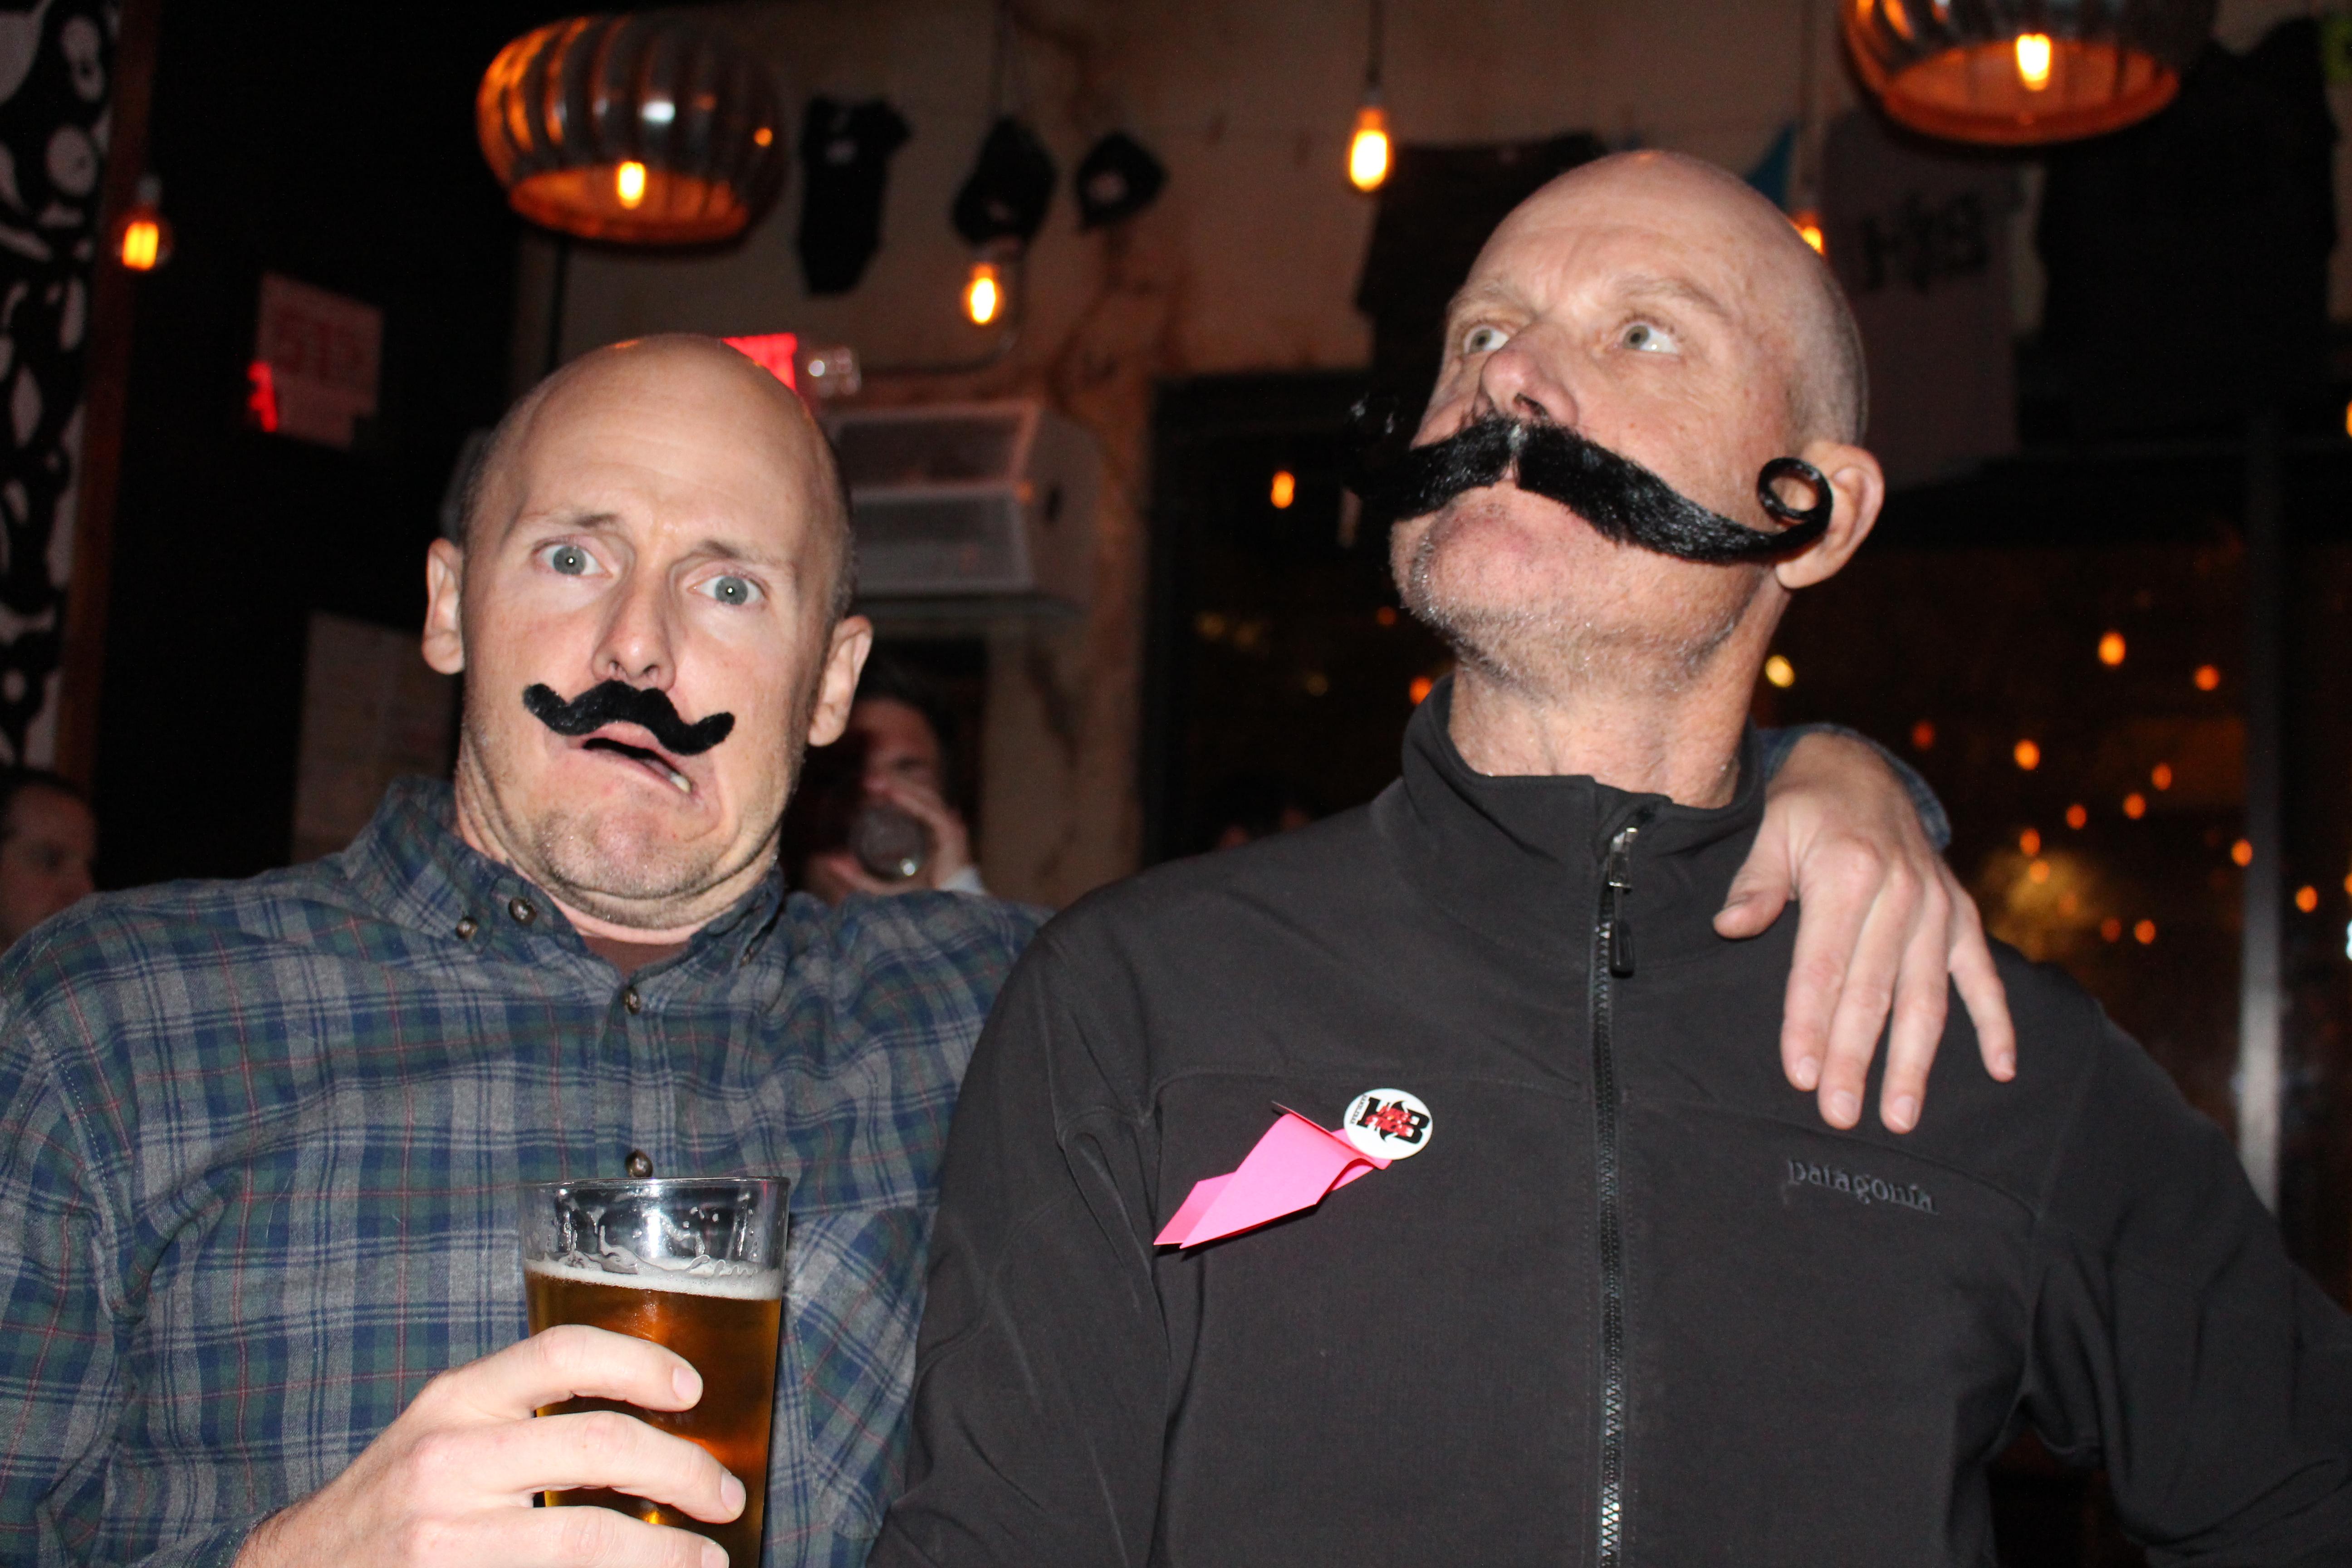 Fake Mustache Competitors